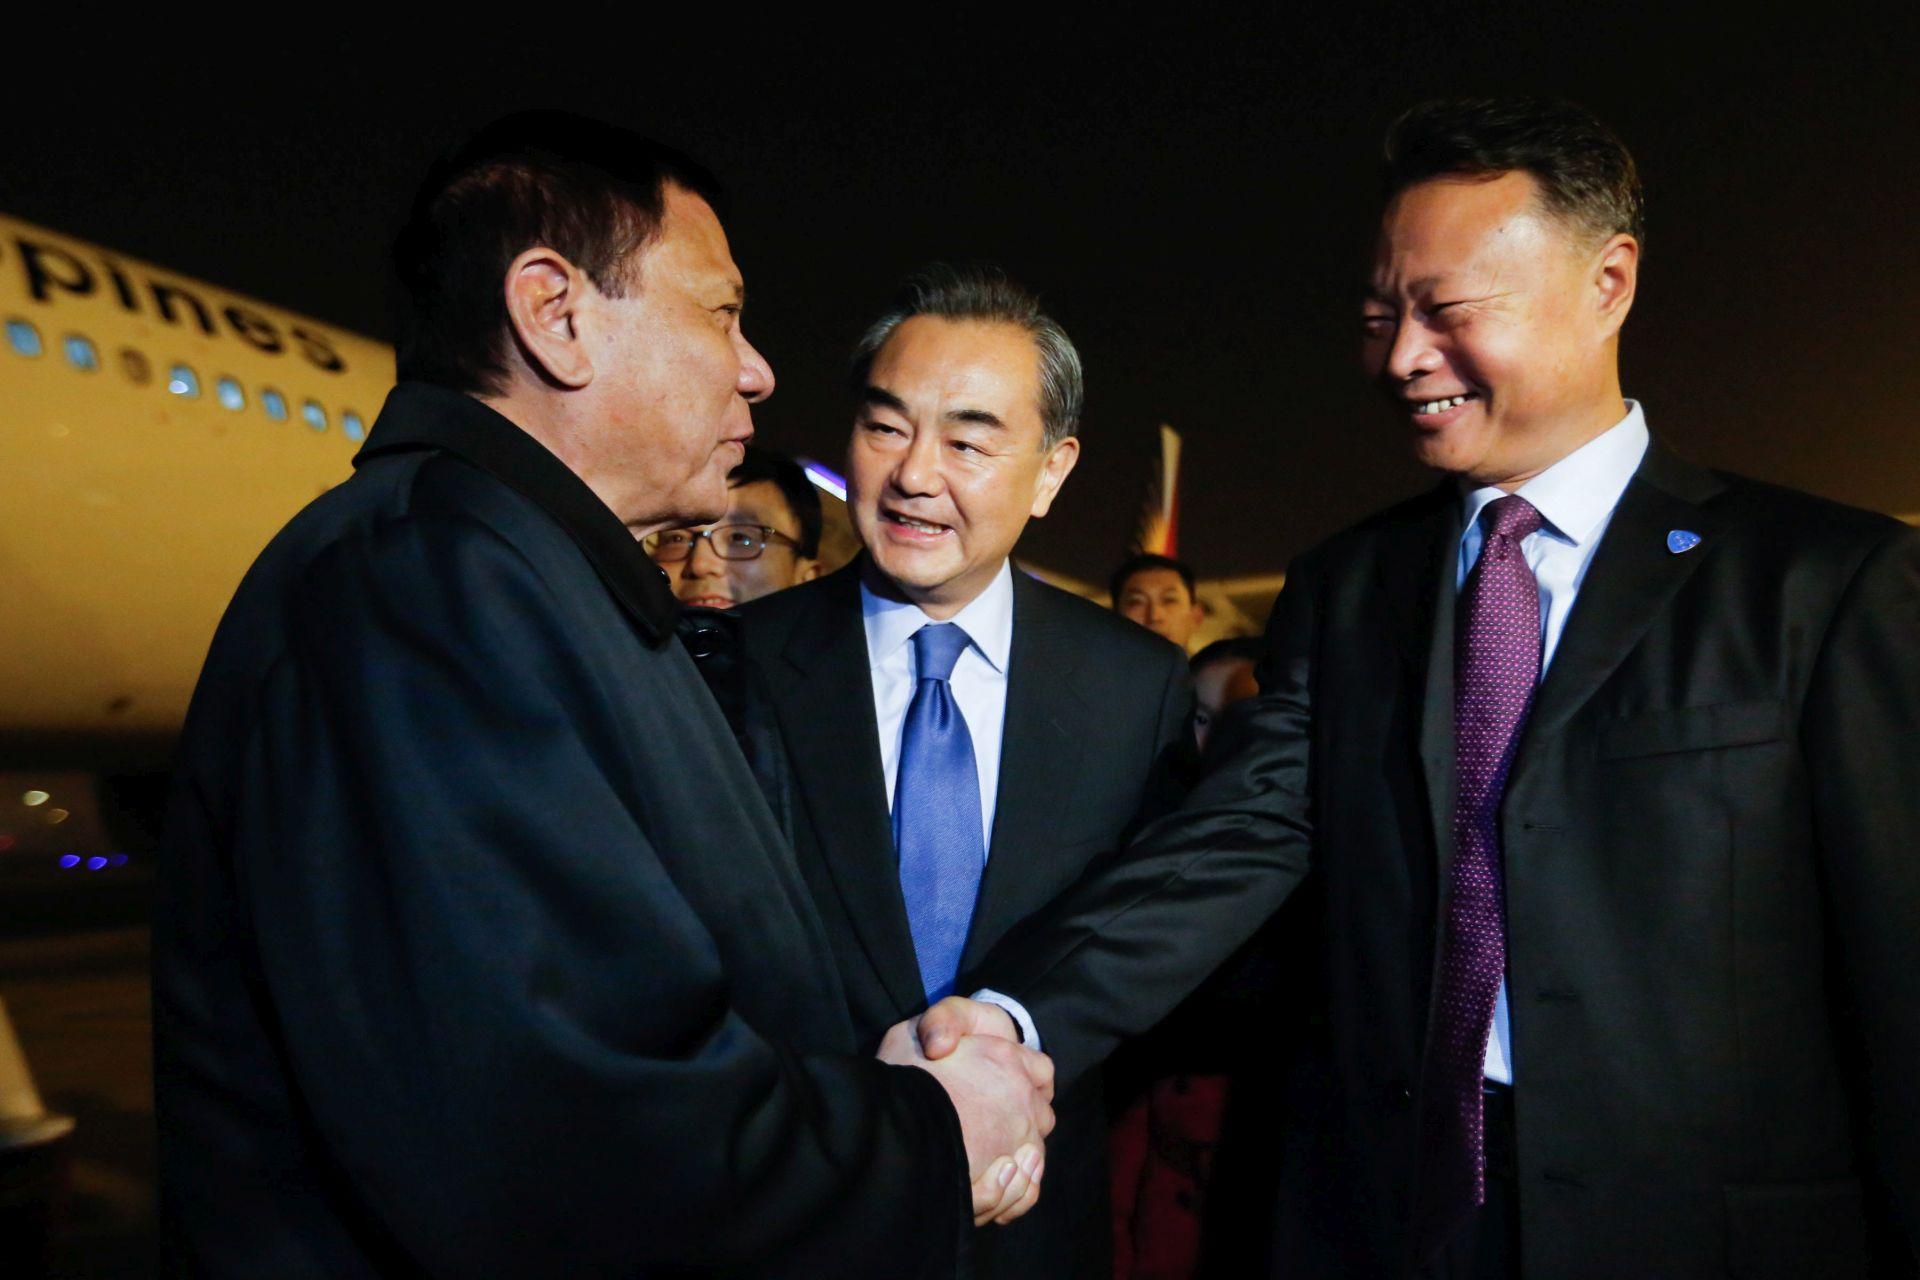 Filipini angažirali kinesku tvrtku koja je gradila u Južnom kineskom moru